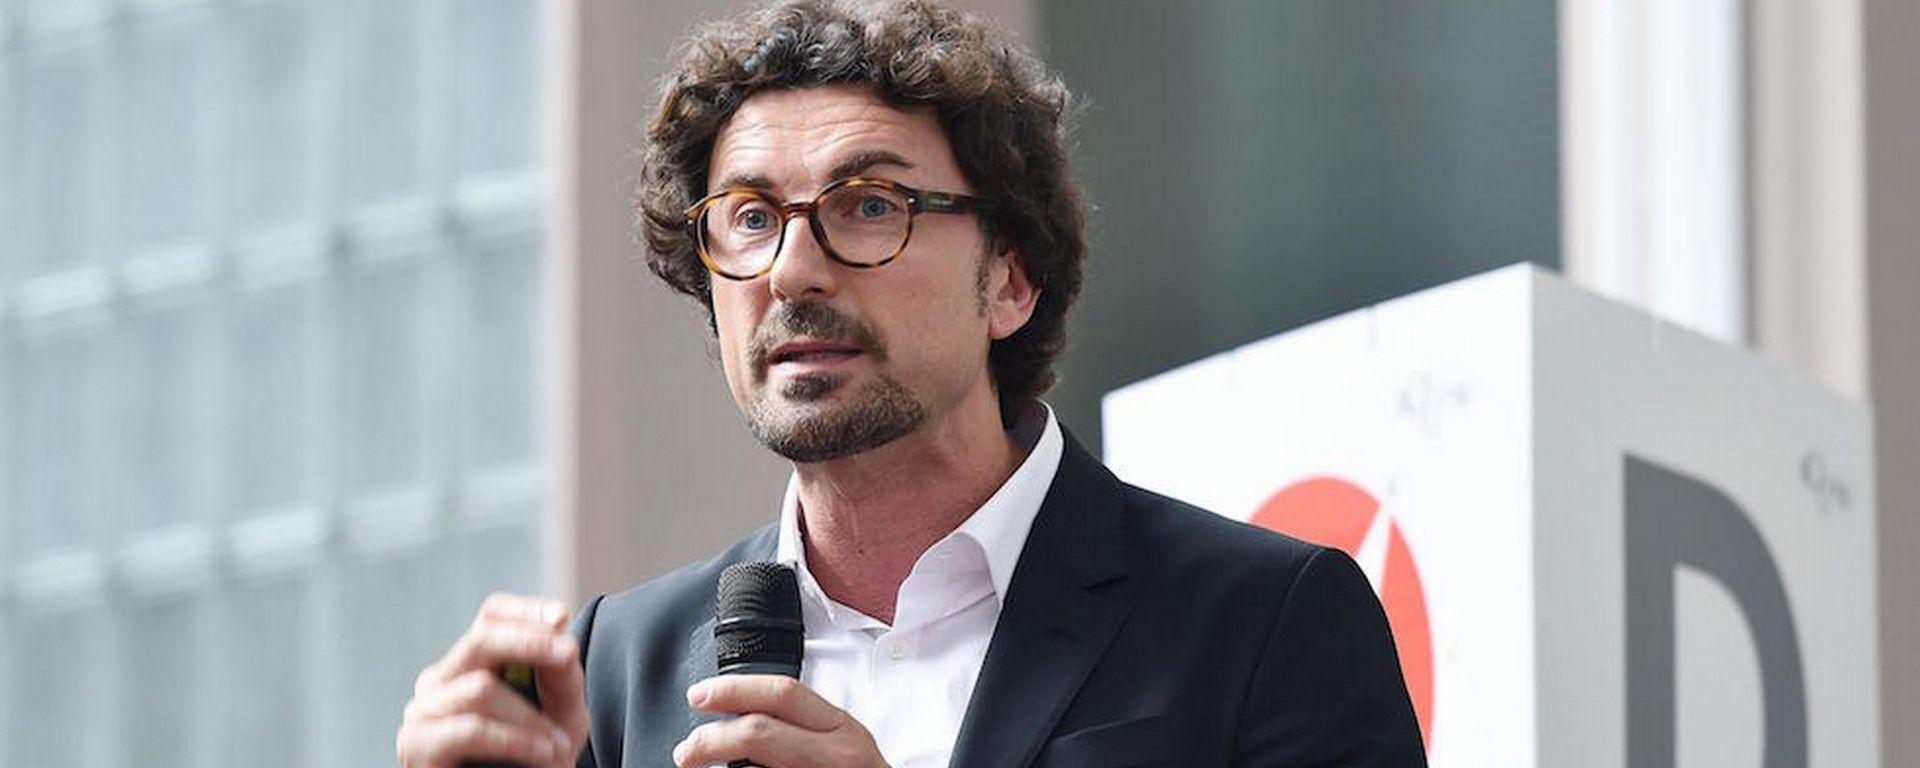 Danilo Toninelli è il Ministro delle Infrastrutture e dei Trasporti del Governo Conte